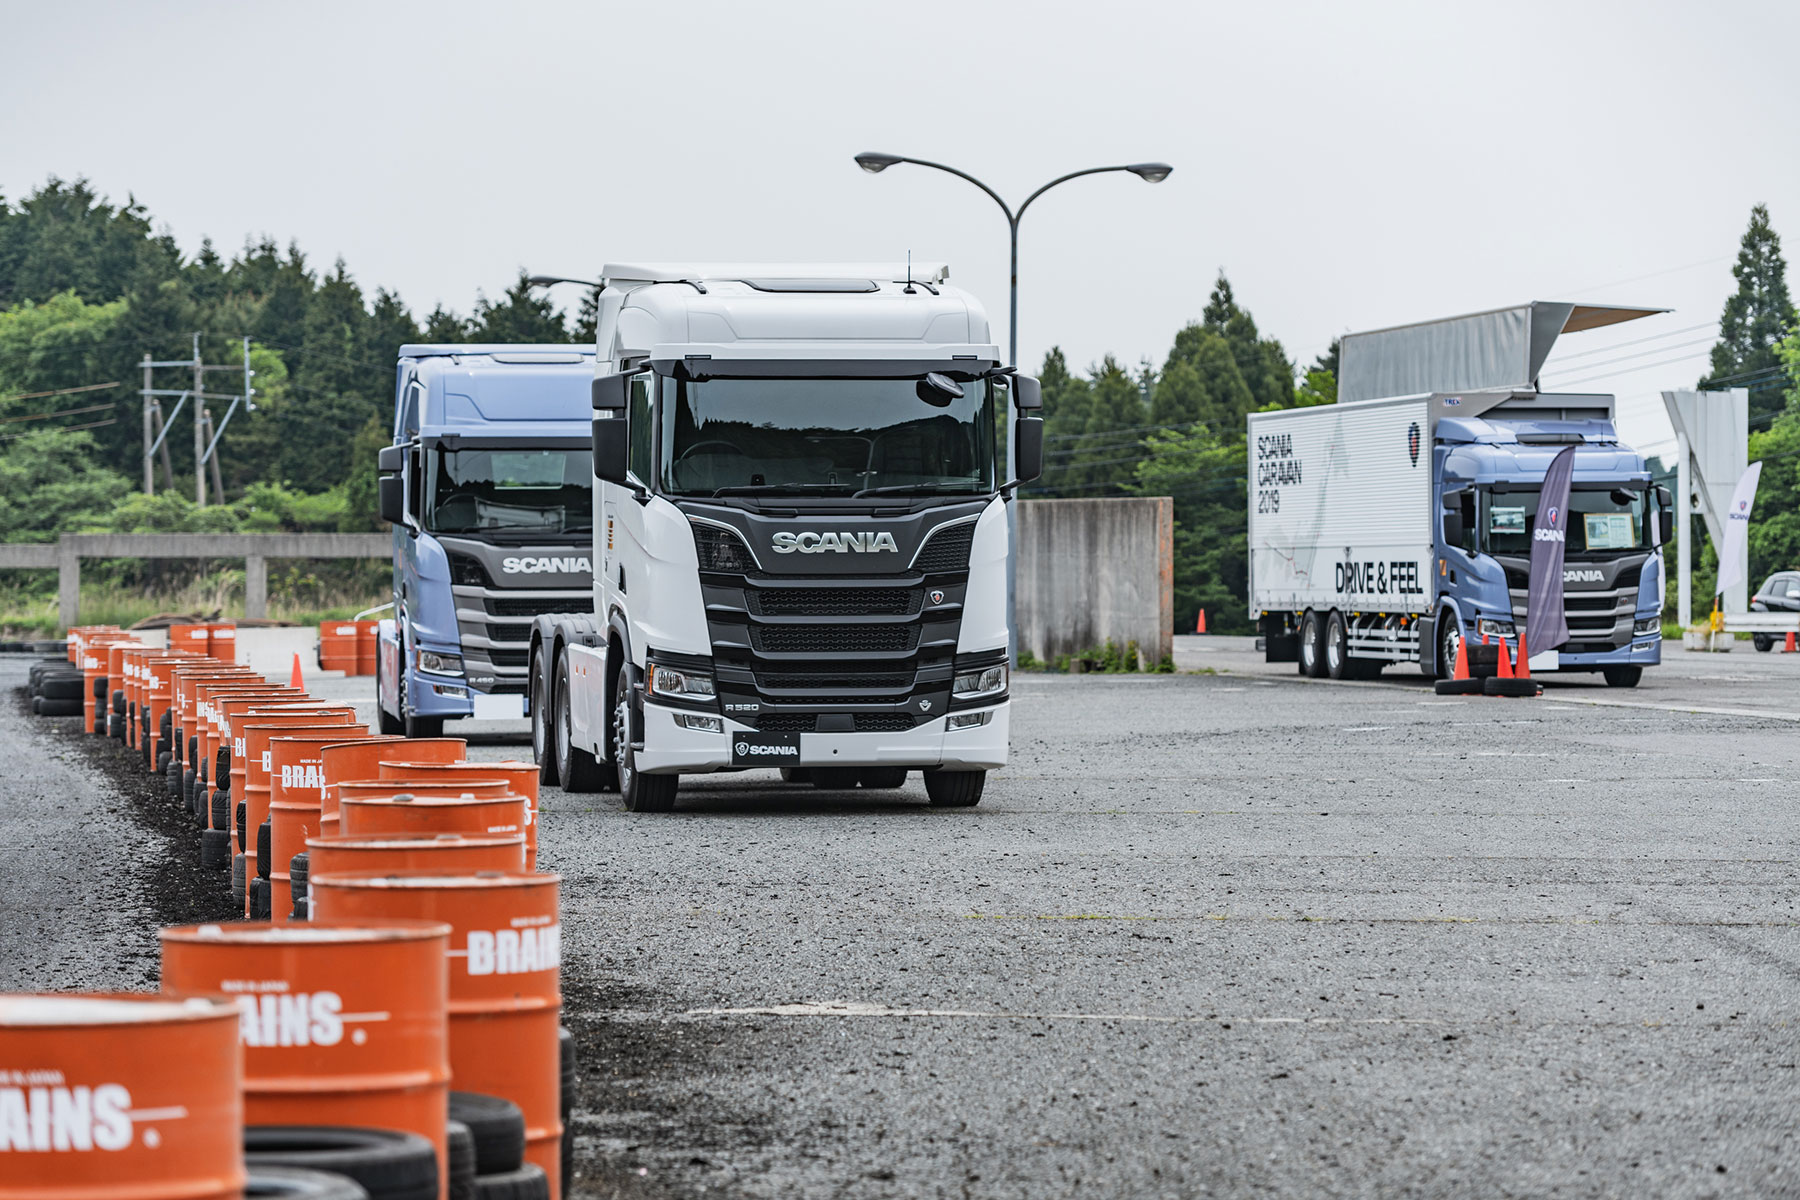 全国11ヶ所を巡るスカニア試乗会イベント「Scania Caravan 2019」、皮切りとなった第1回佐賀での模様をレポート